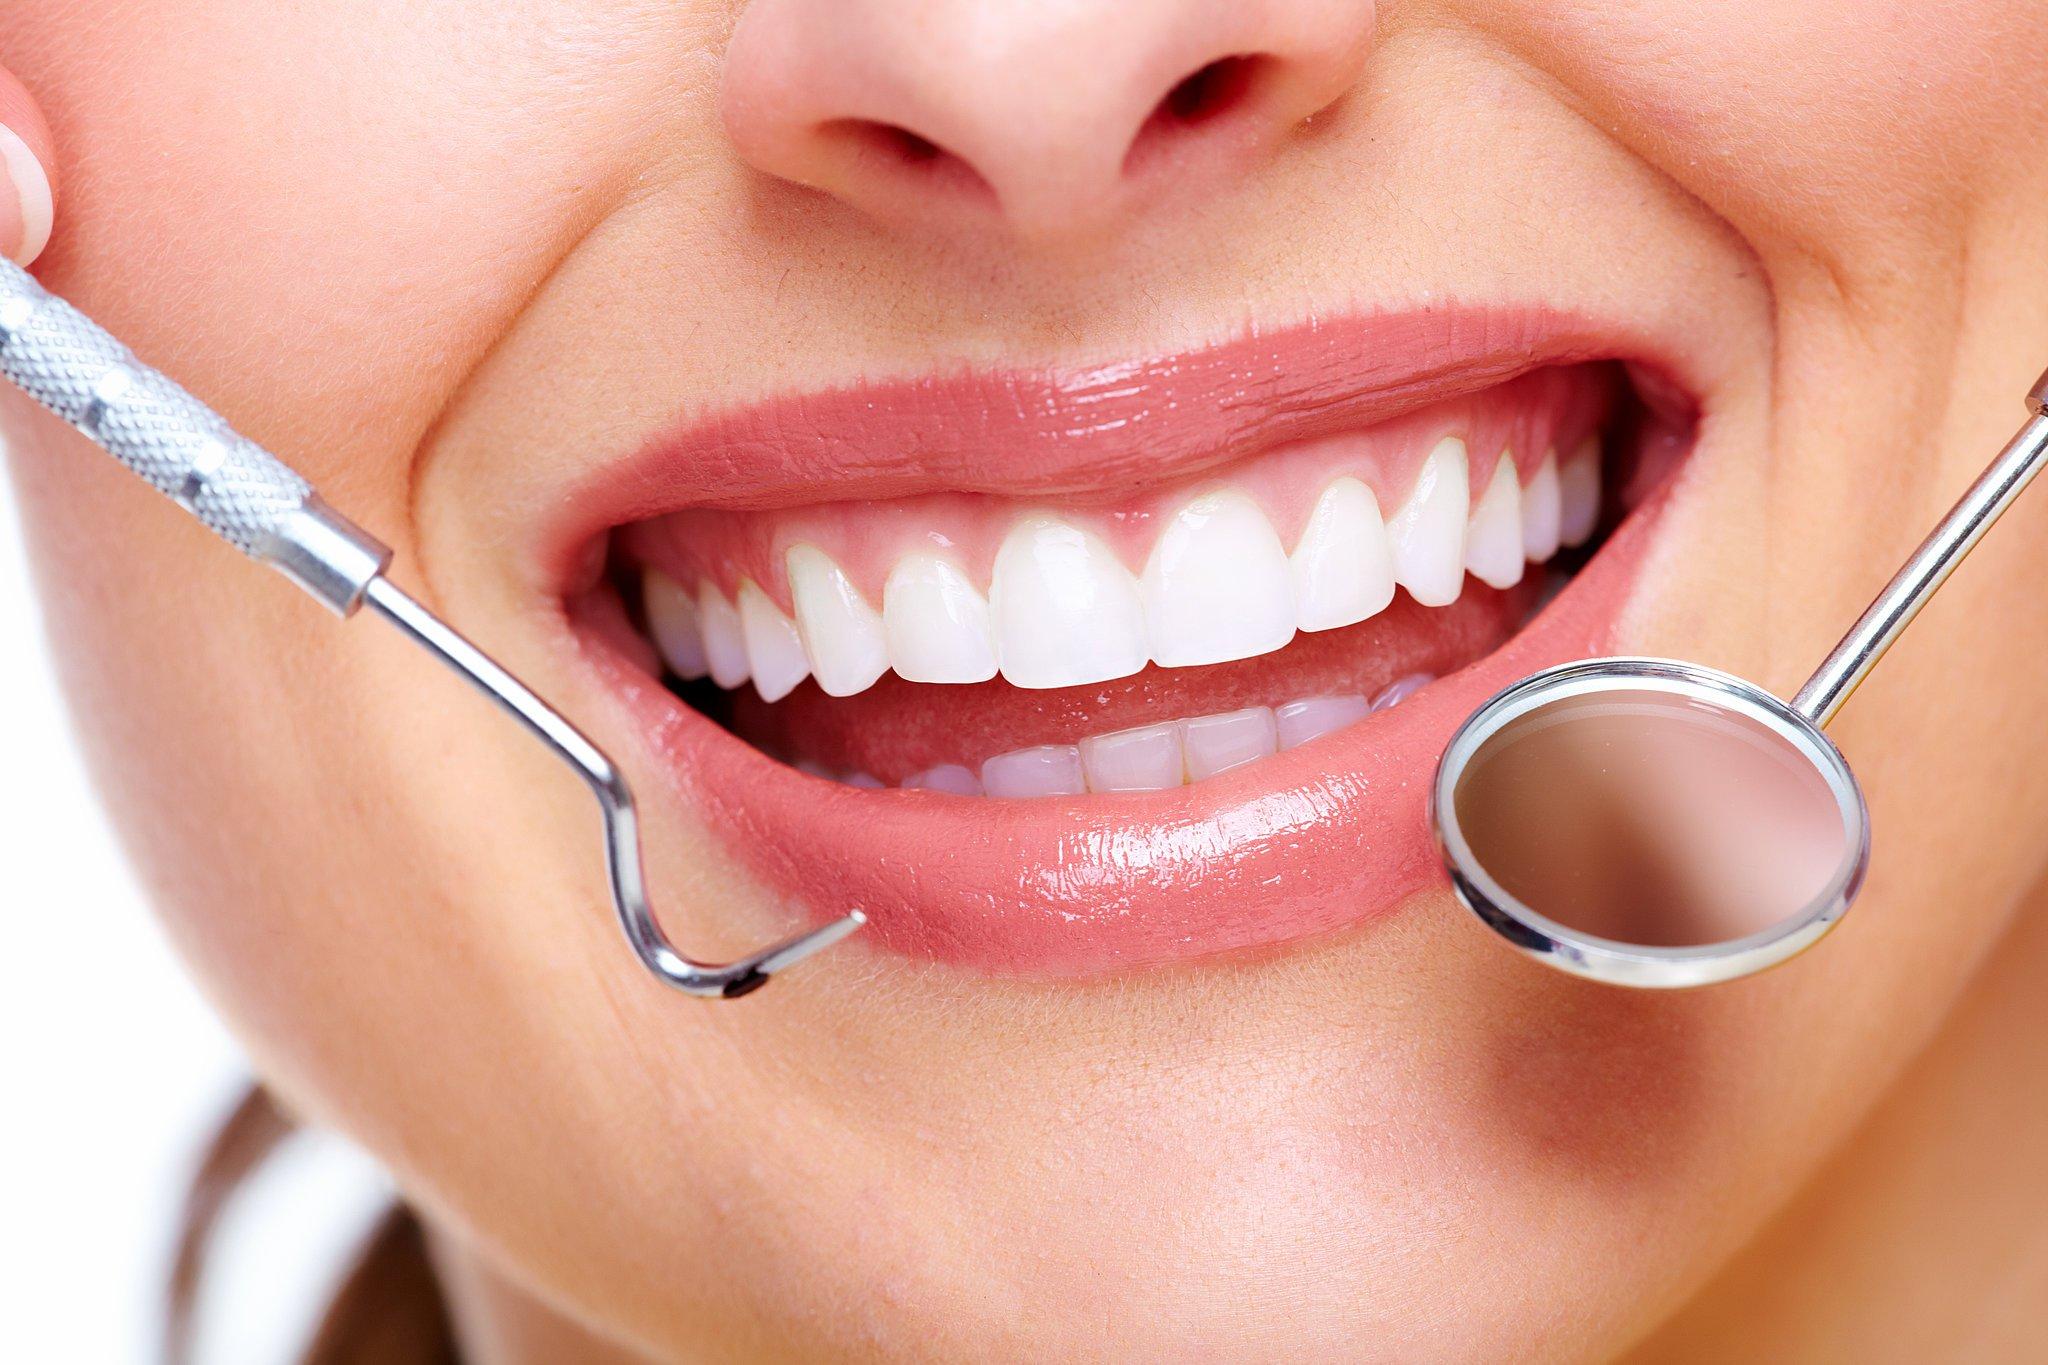 """صورة علاج جديد لتلف الأسنان من خلال """"إسفنجة"""""""